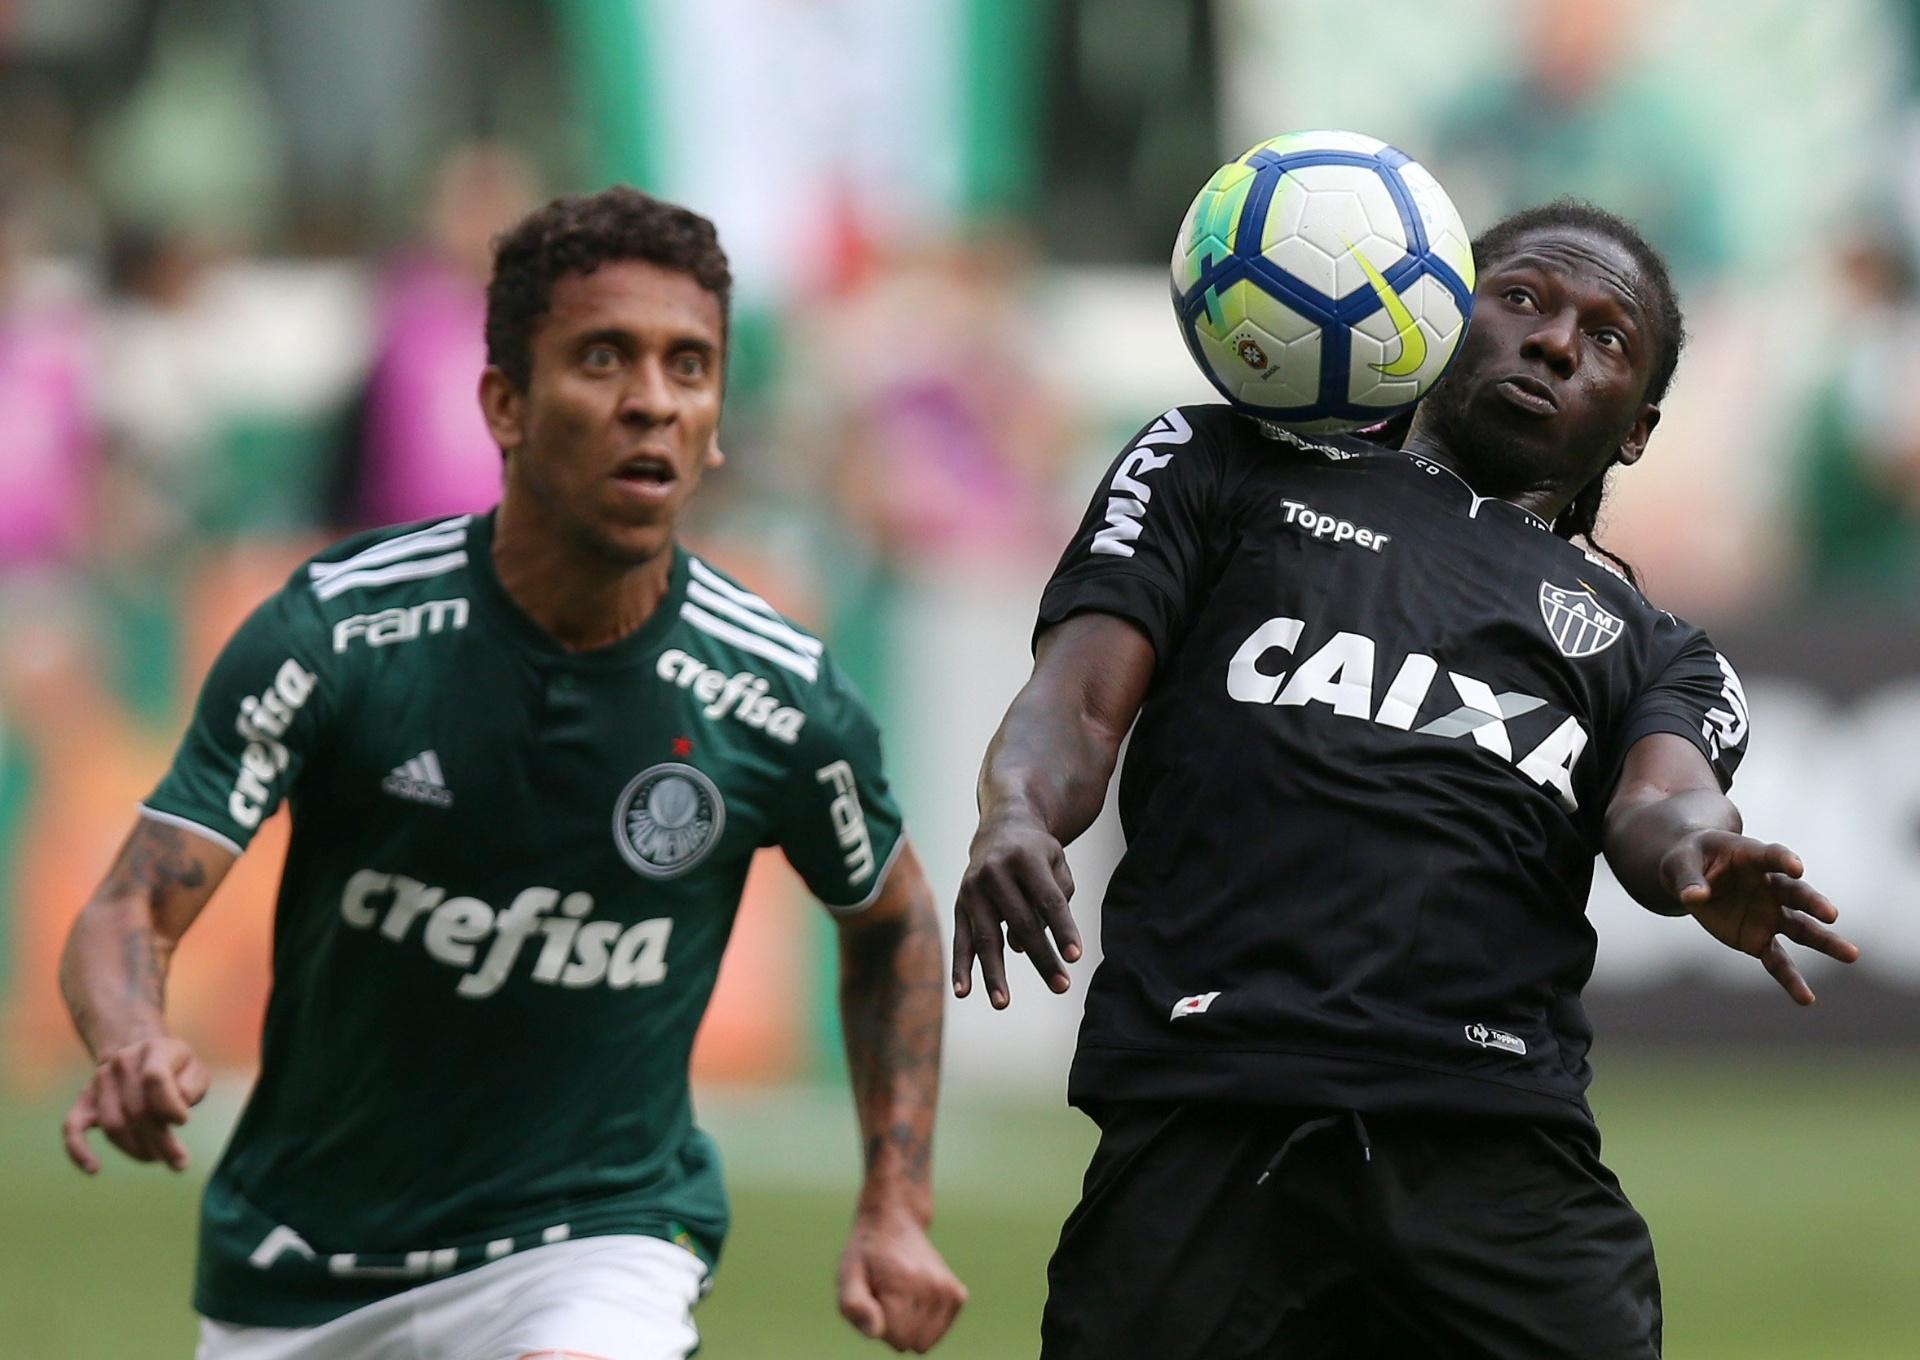 Palmeiras pretende repetir estratégia e renovar contratos no fim do ano -  22 09 2018 - UOL Esporte 0224c5049e99a